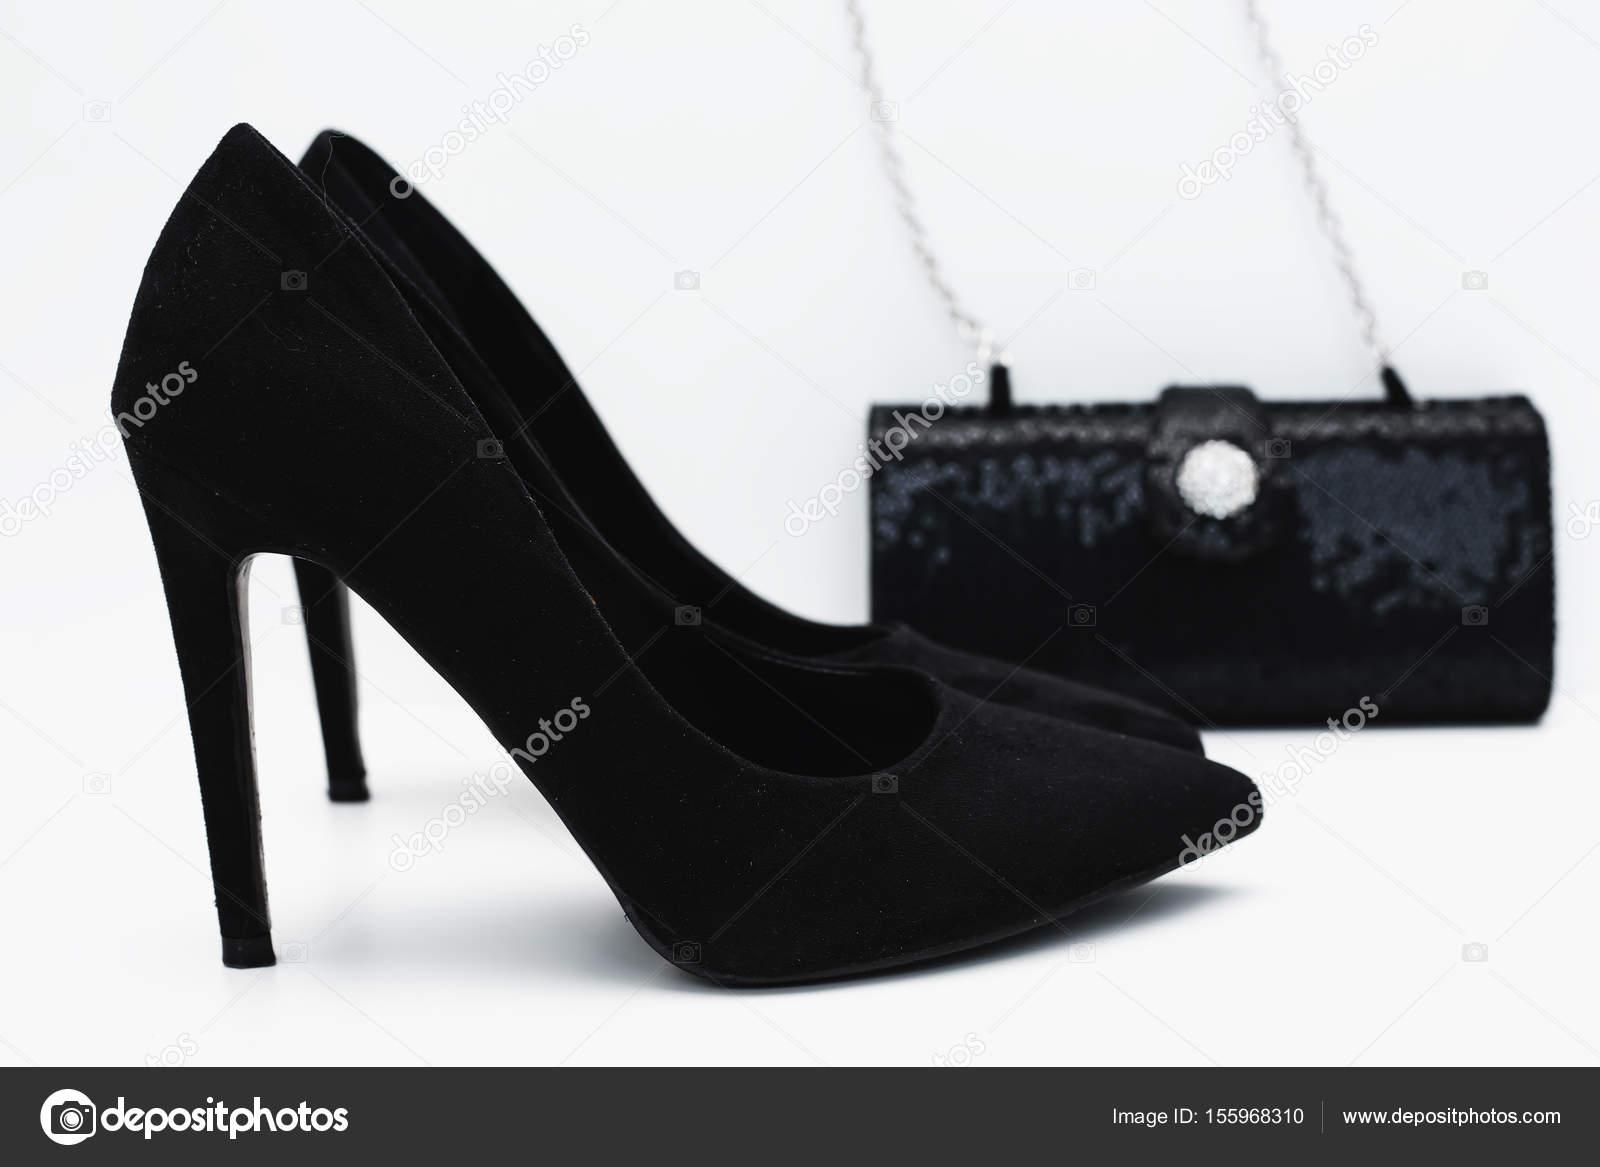 super popular 483f6 e1711 Eleganti neri tacchi alti con la borsa — Foto Stock ...